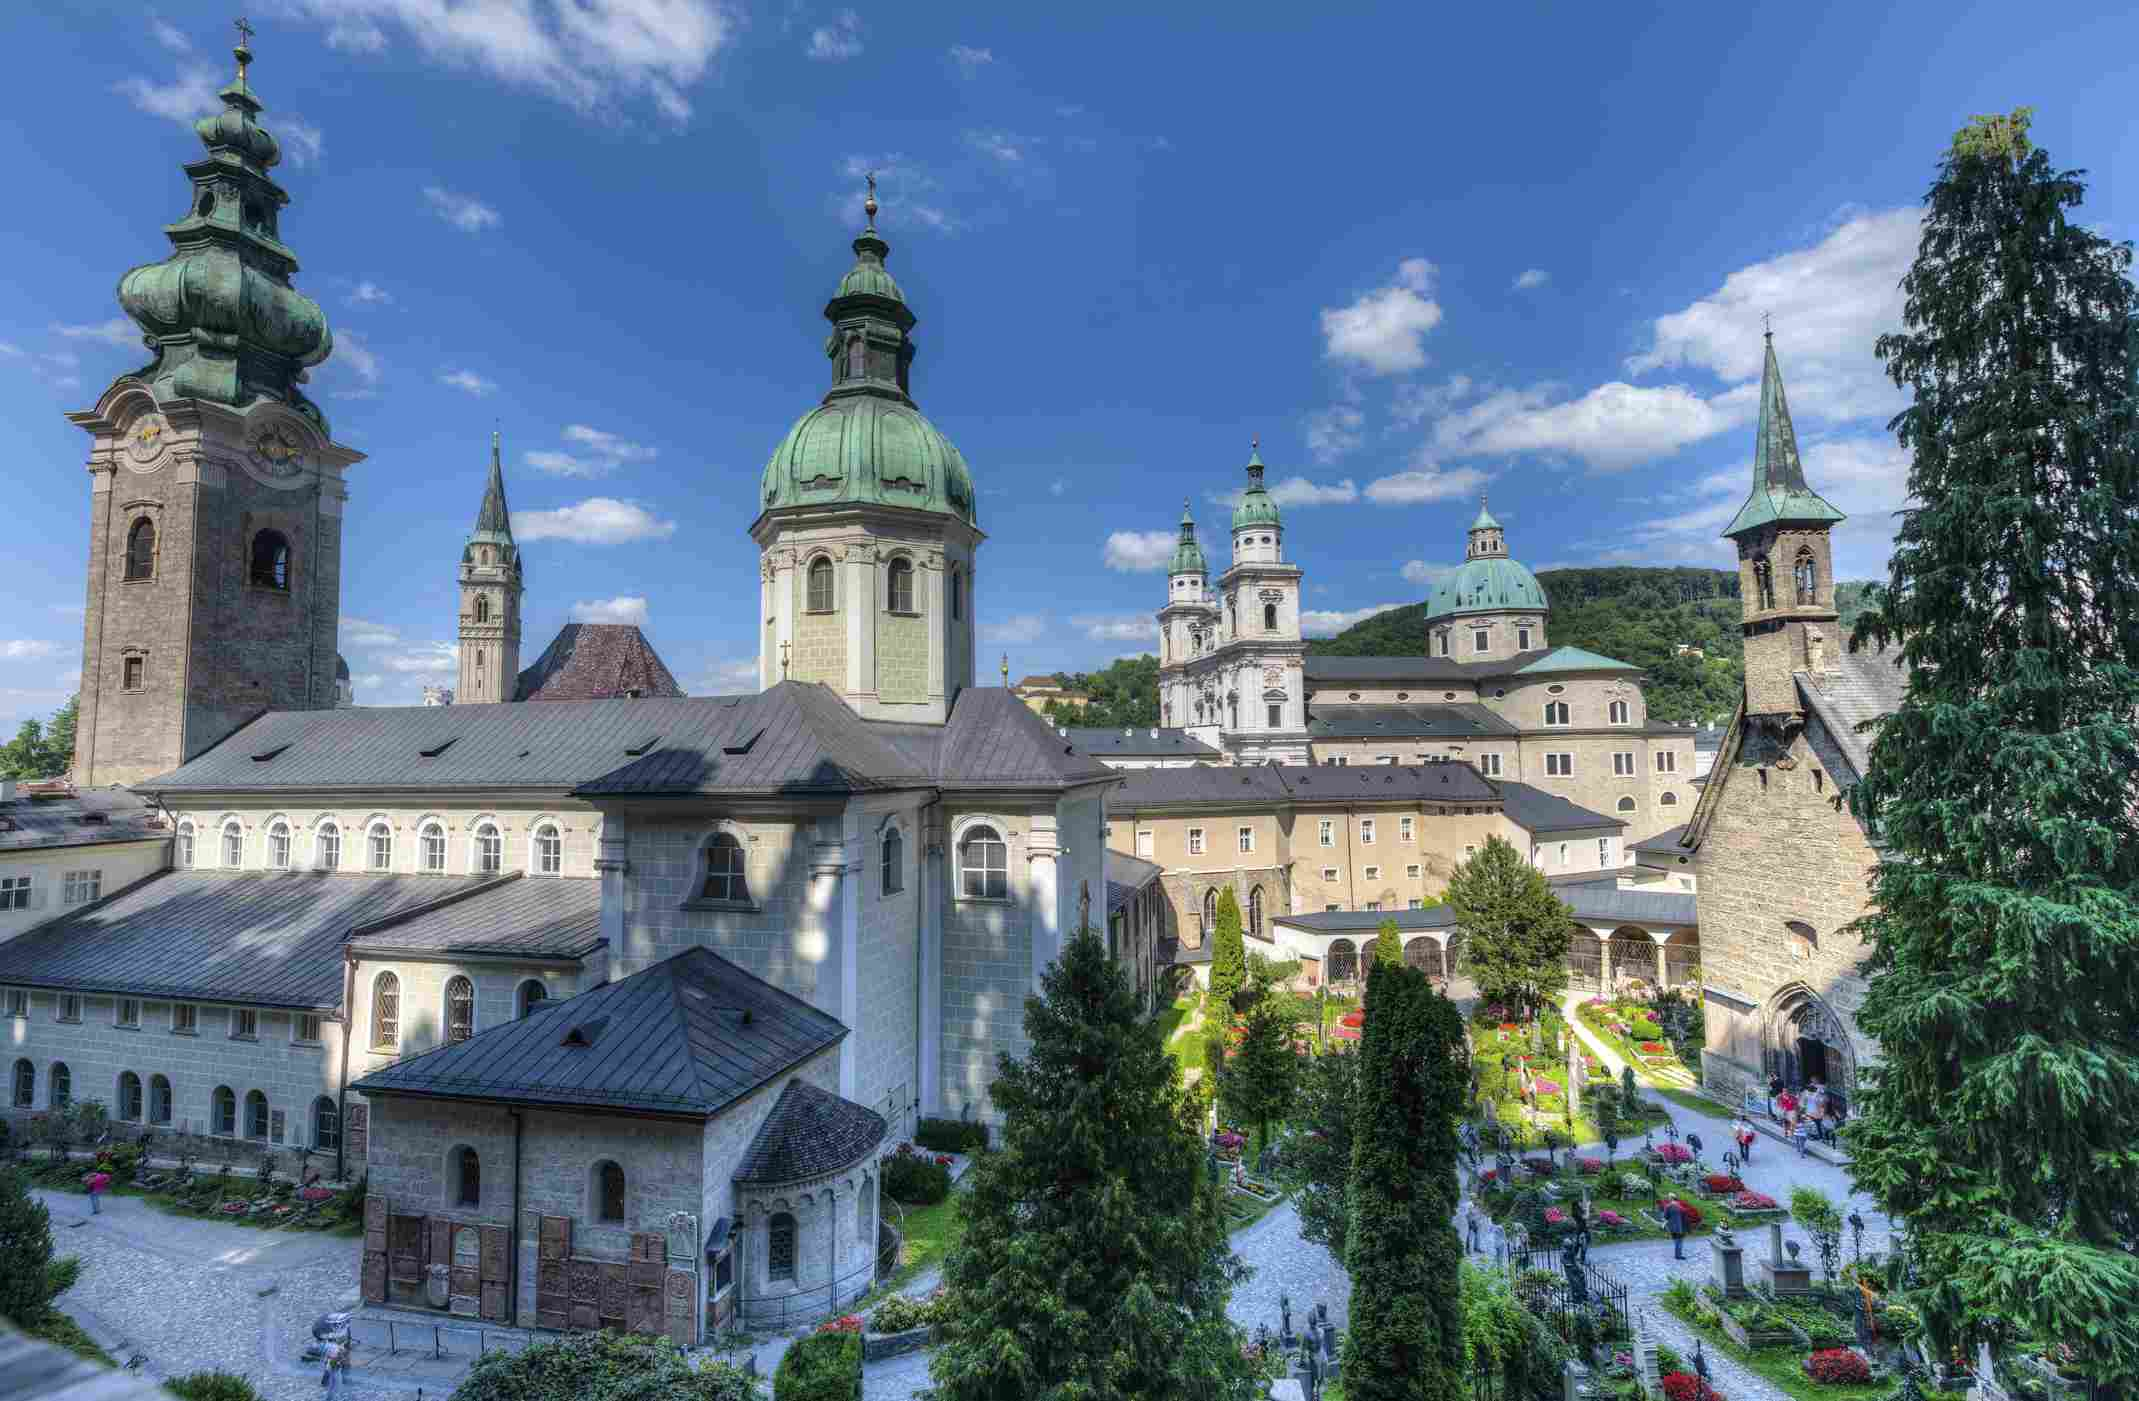 Petersfriedhof or St. Peter's Cemetery, Salzburg Austria